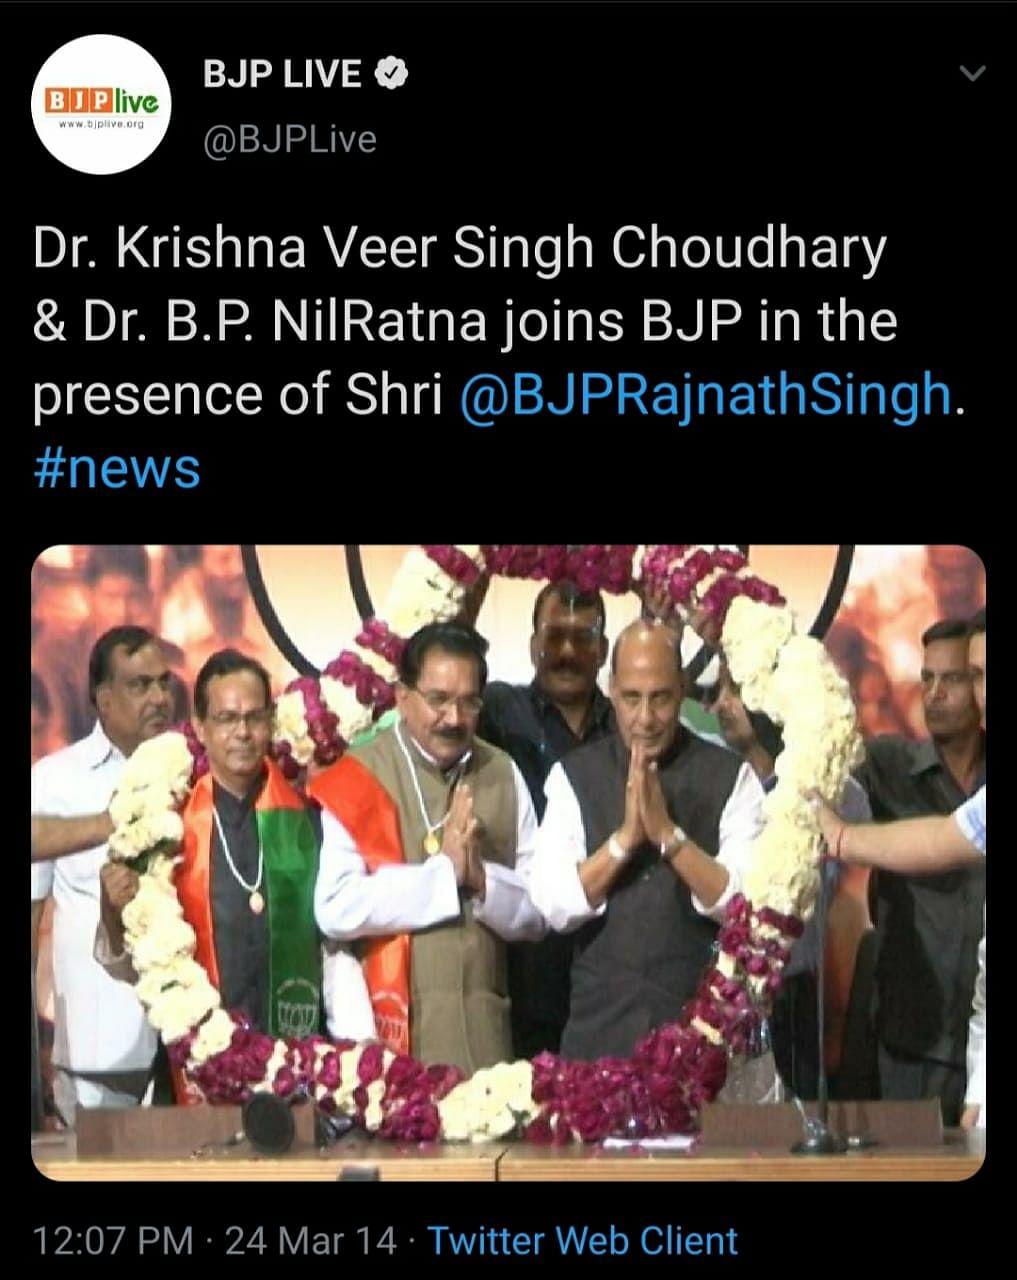 राजनाथ सिंह की उपस्थिति में बीजेपी की सदस्यता लेते कृष्णवीर चौधरी